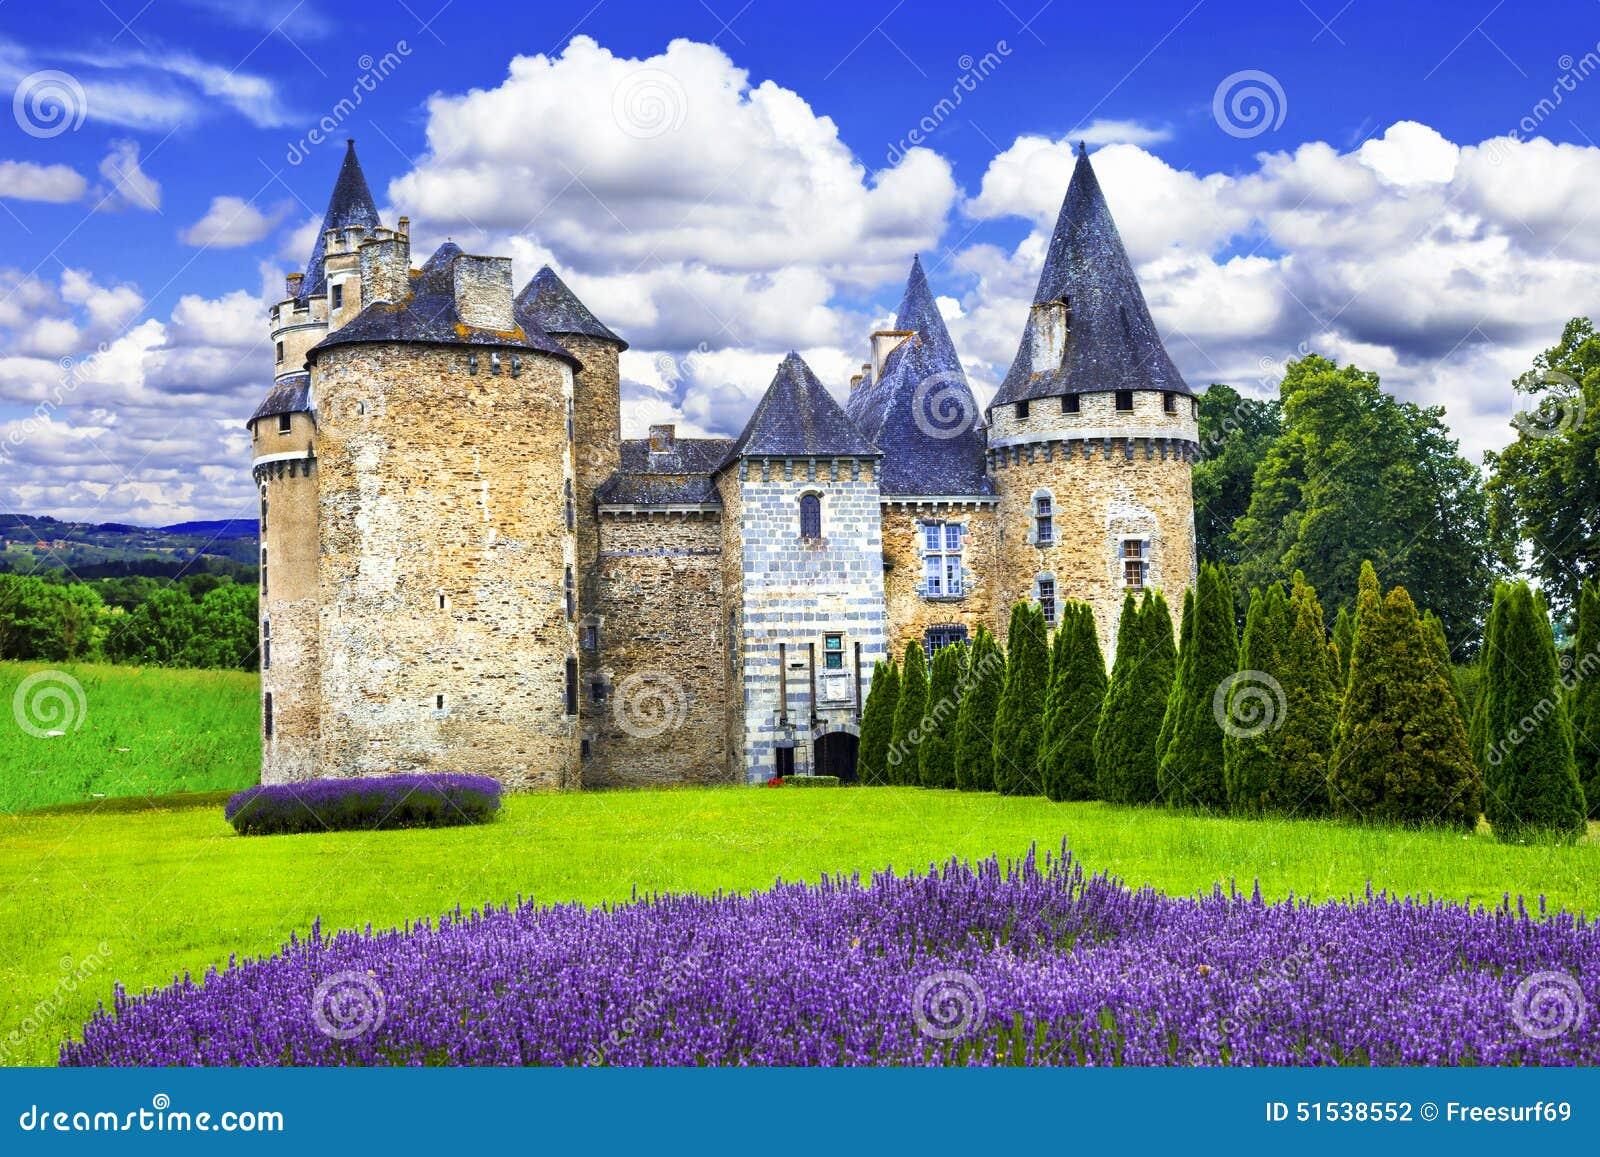 Fairy замки Франции